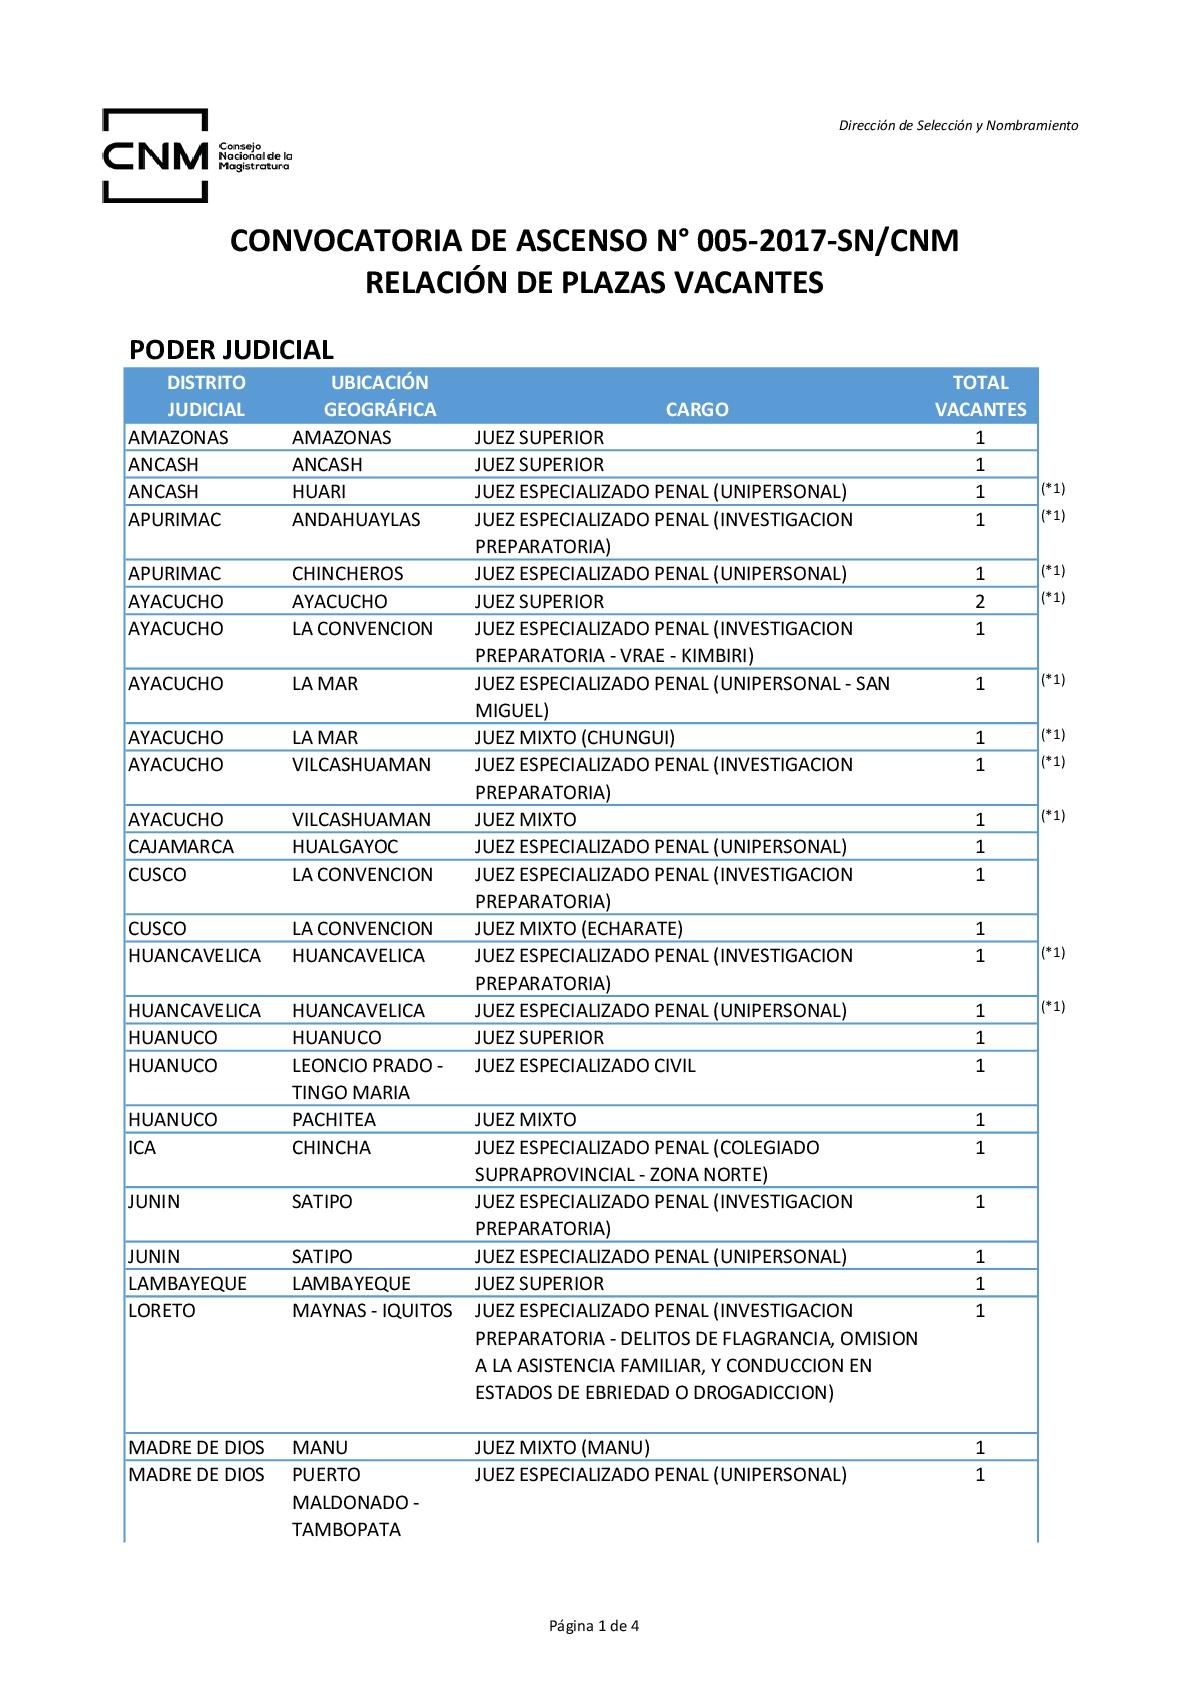 Plazas-vacantes-005-2017-CNM-Legis.pe-001